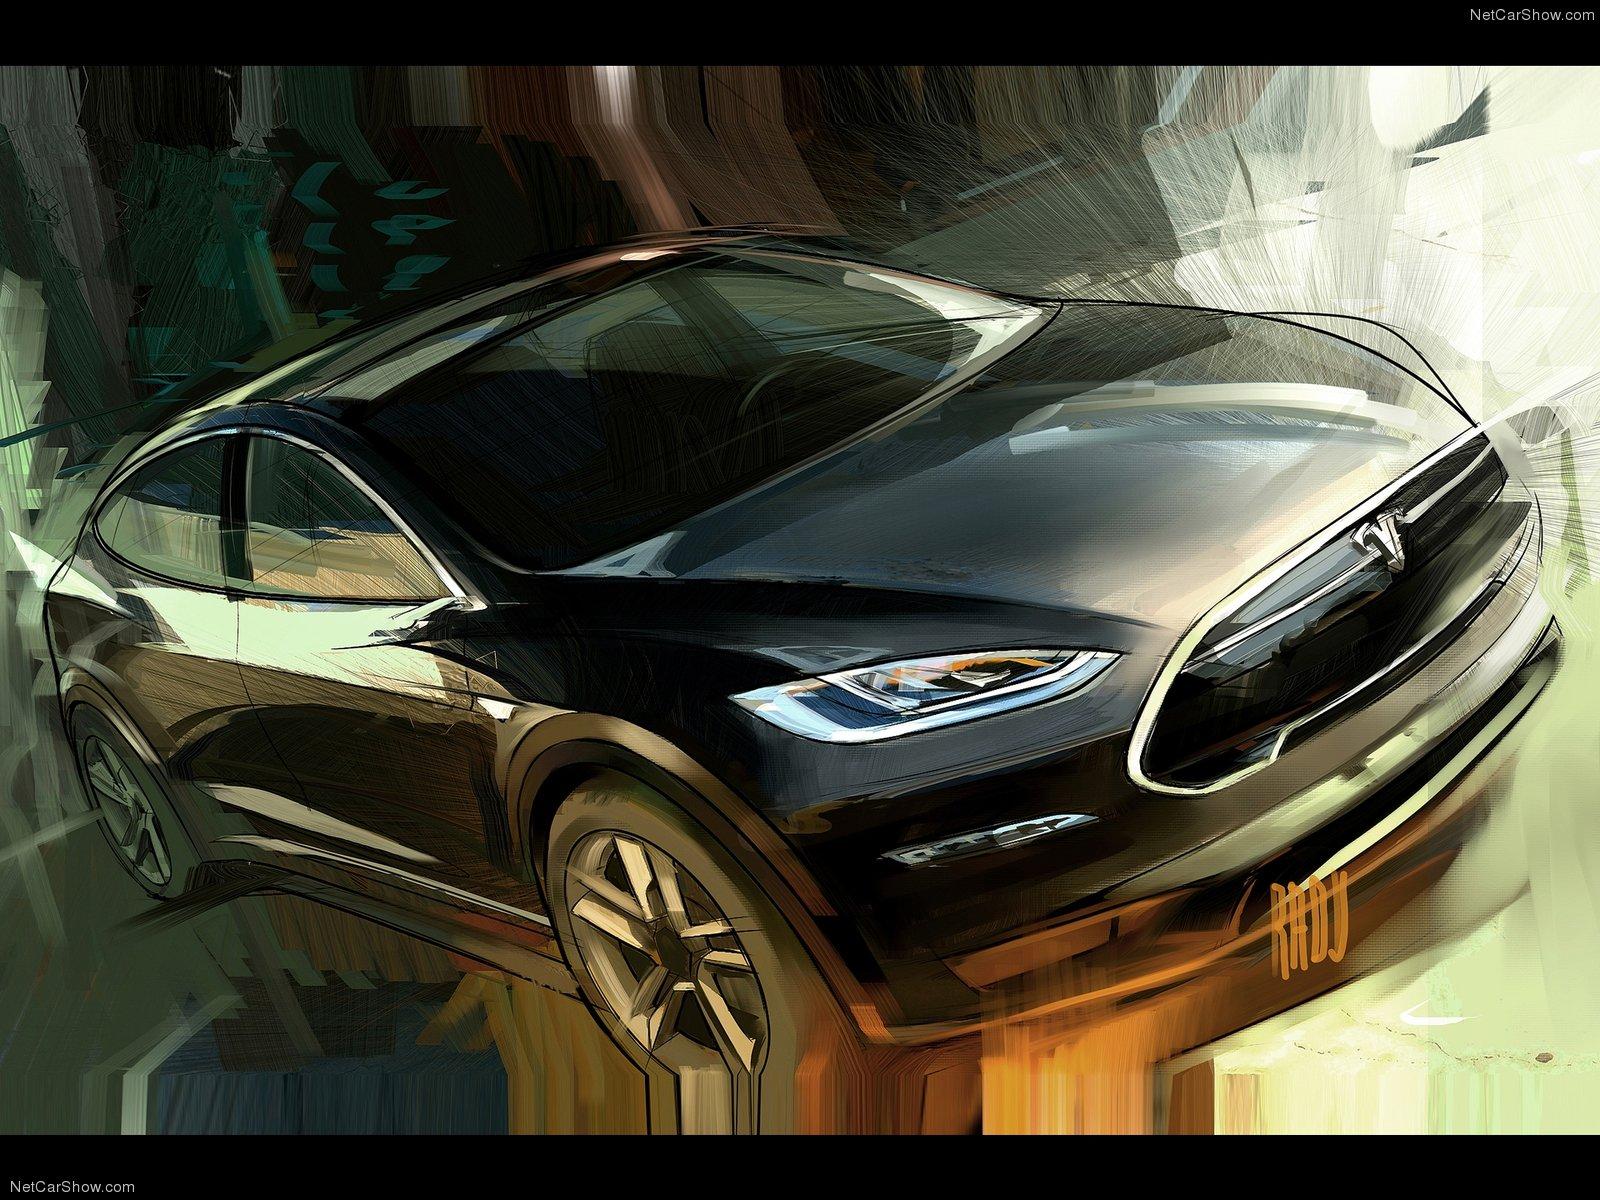 Hình ảnh xe điện Tesla Model X Prototype 2012 & nội ngoại thất